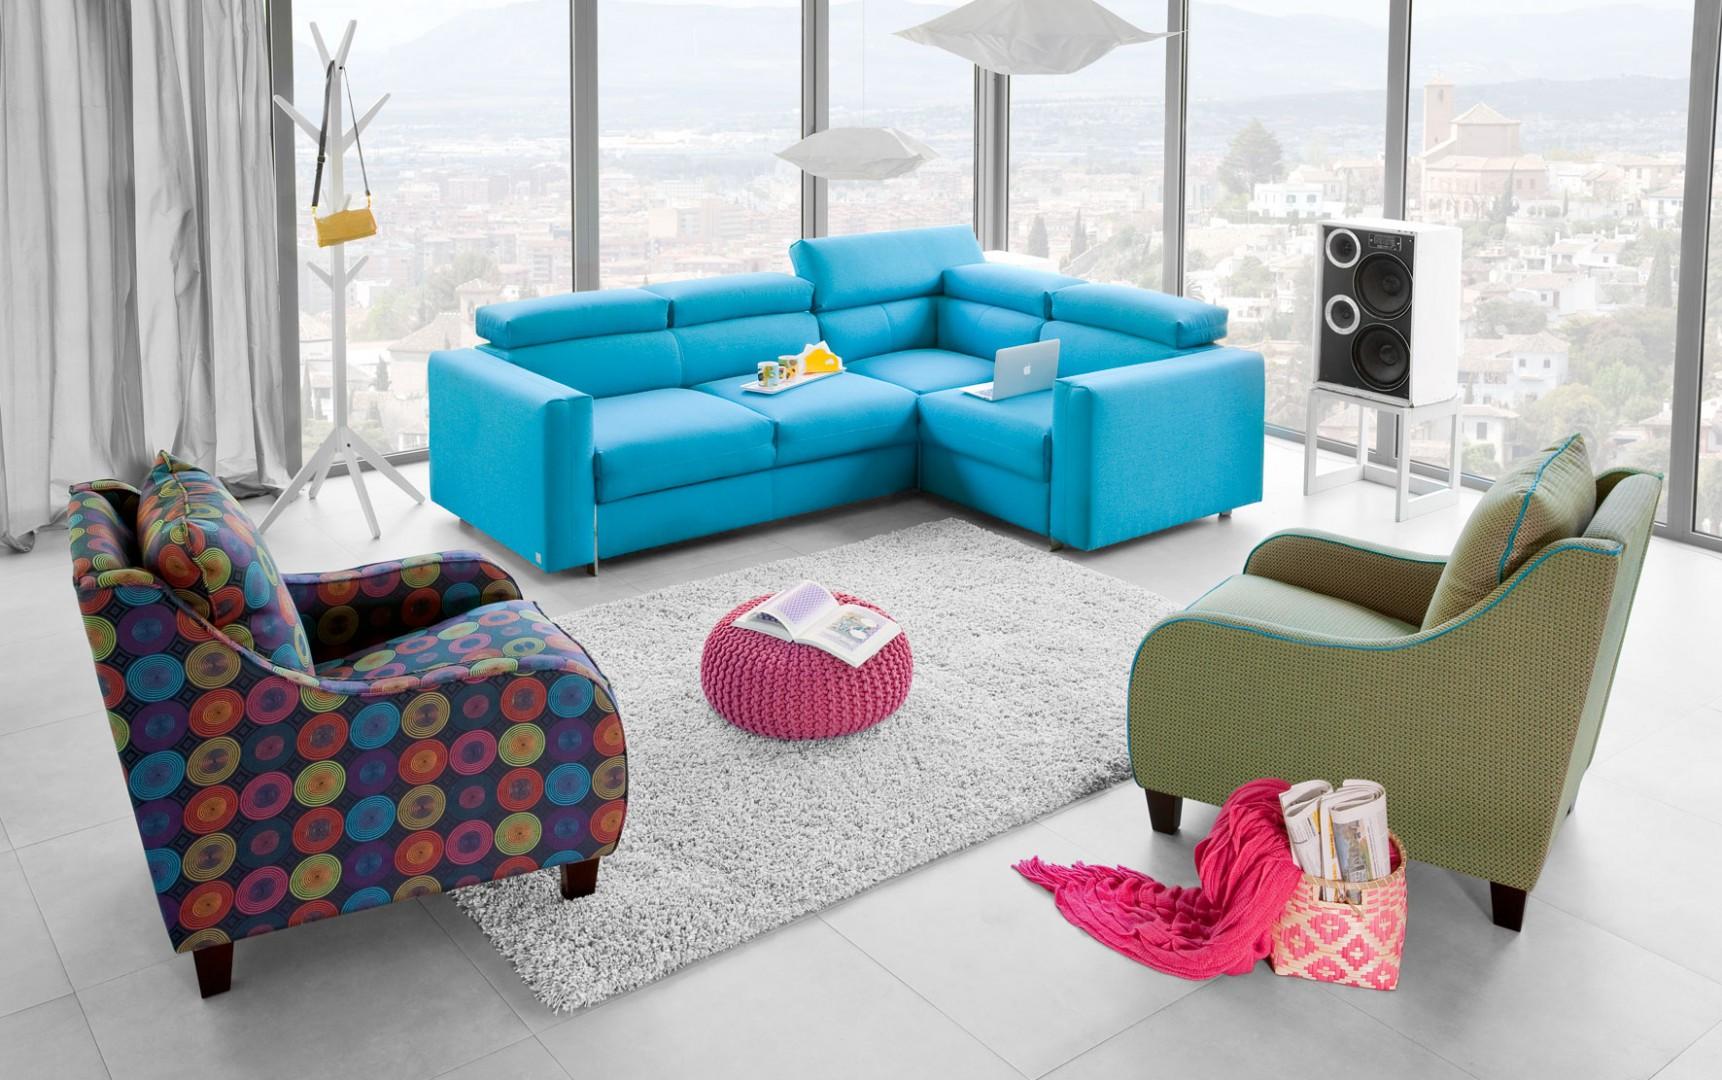 Sofa Palermo posiada regulowane zagłówki. Fot. Bizzarto